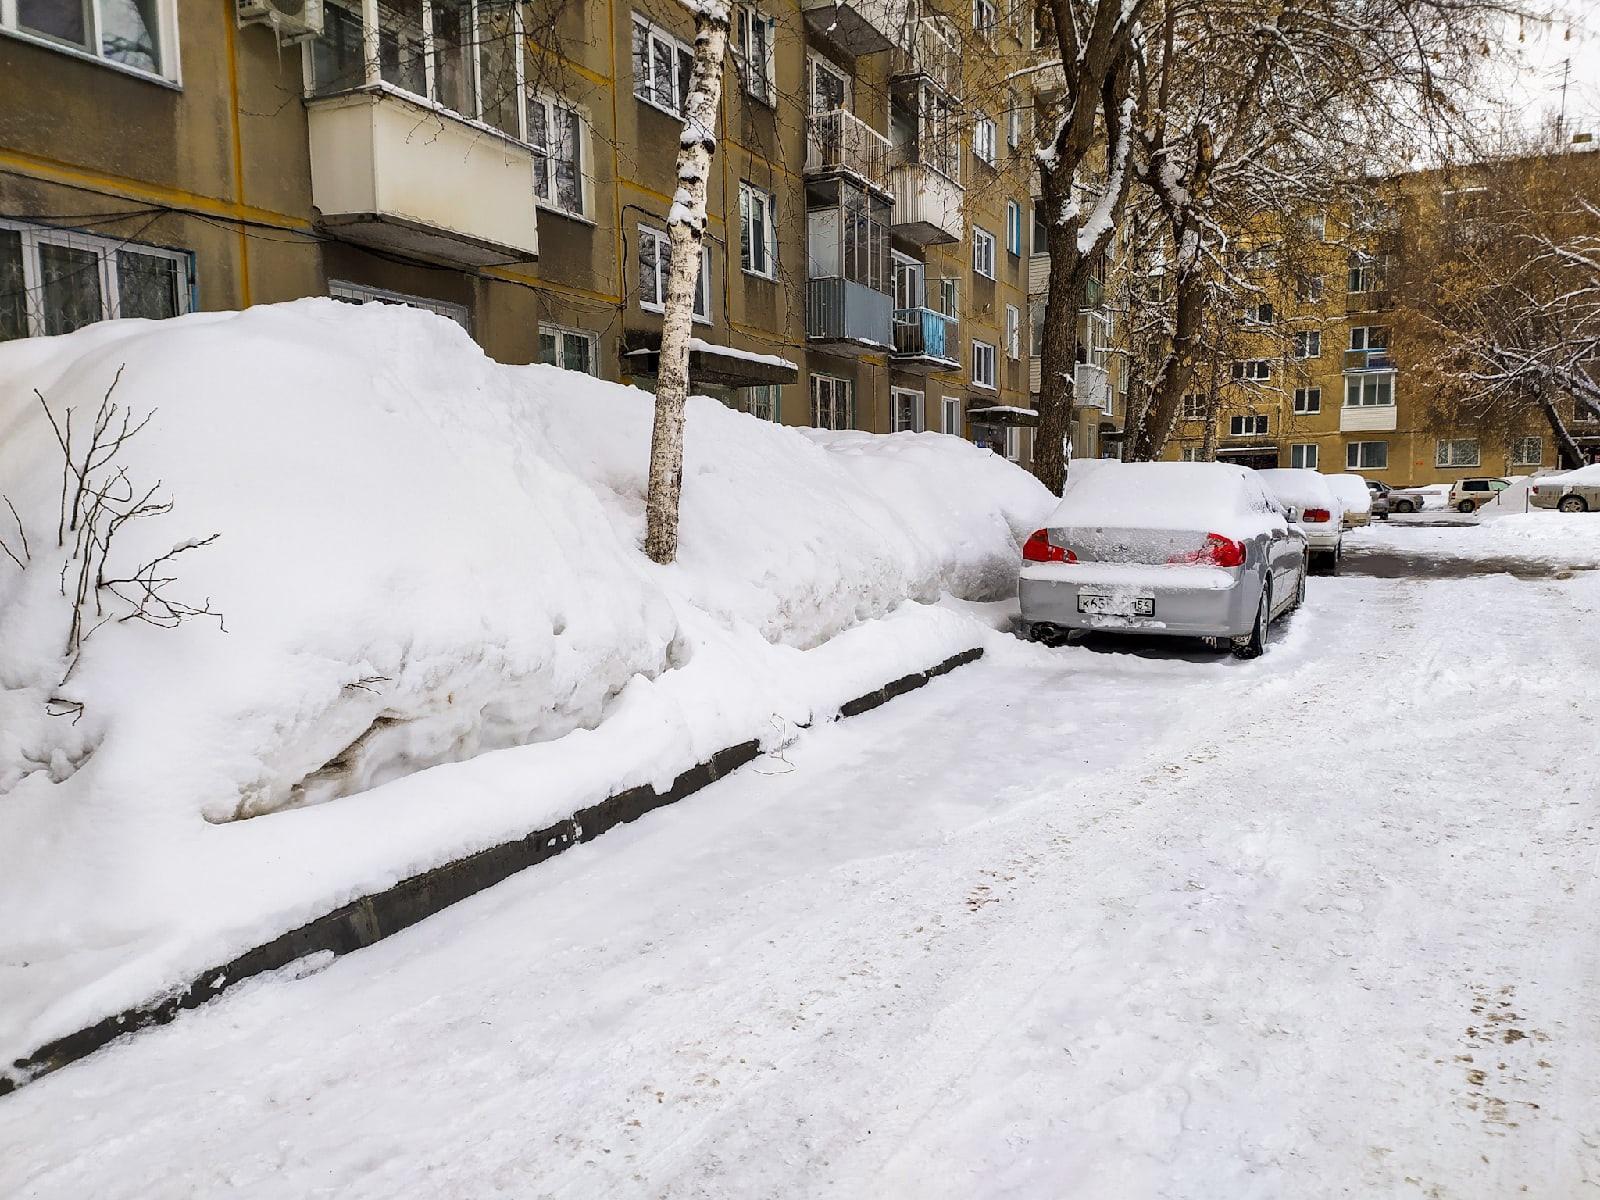 фото «Нет месяца поганее марта»: сибиряки выплеснули в соцсети страдания из-за нескончаемой зимы 3